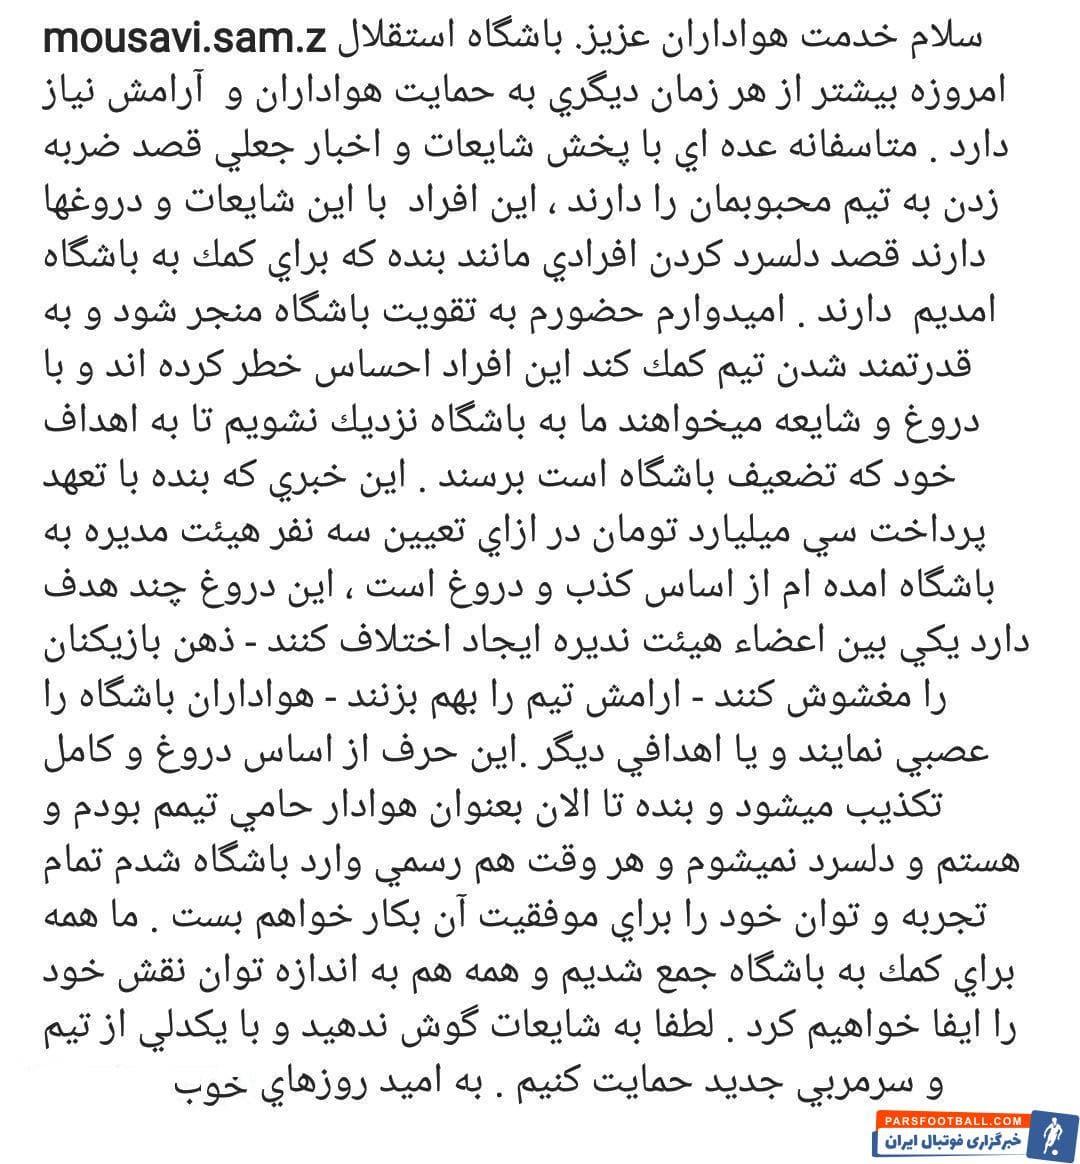 عبدالرضا موسوی با انتشار پیامی خطاب به هواداران استقلال پیرامون برخی شایعات توضیحاتی را ارائه کرد عبدالرضا موسوی گفت: احساس خطر کردهاند .